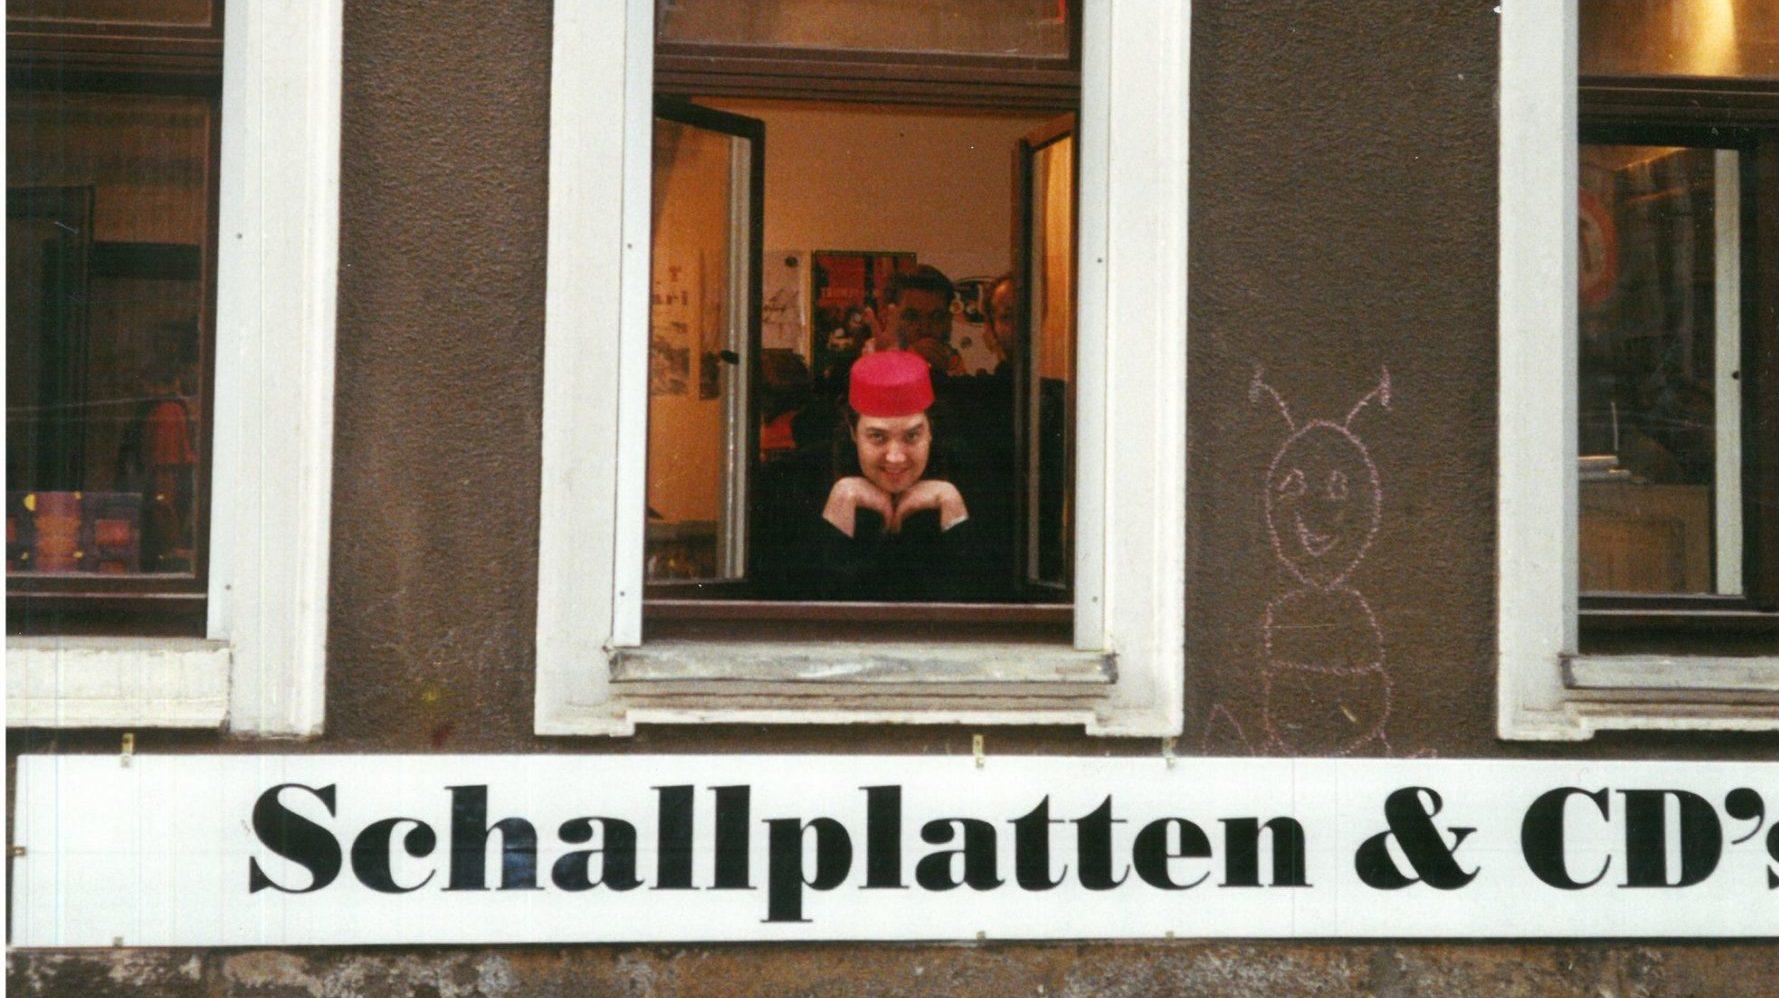 Außenansicht auf der Böhmischen Straße. Foto: Zentralohrgan